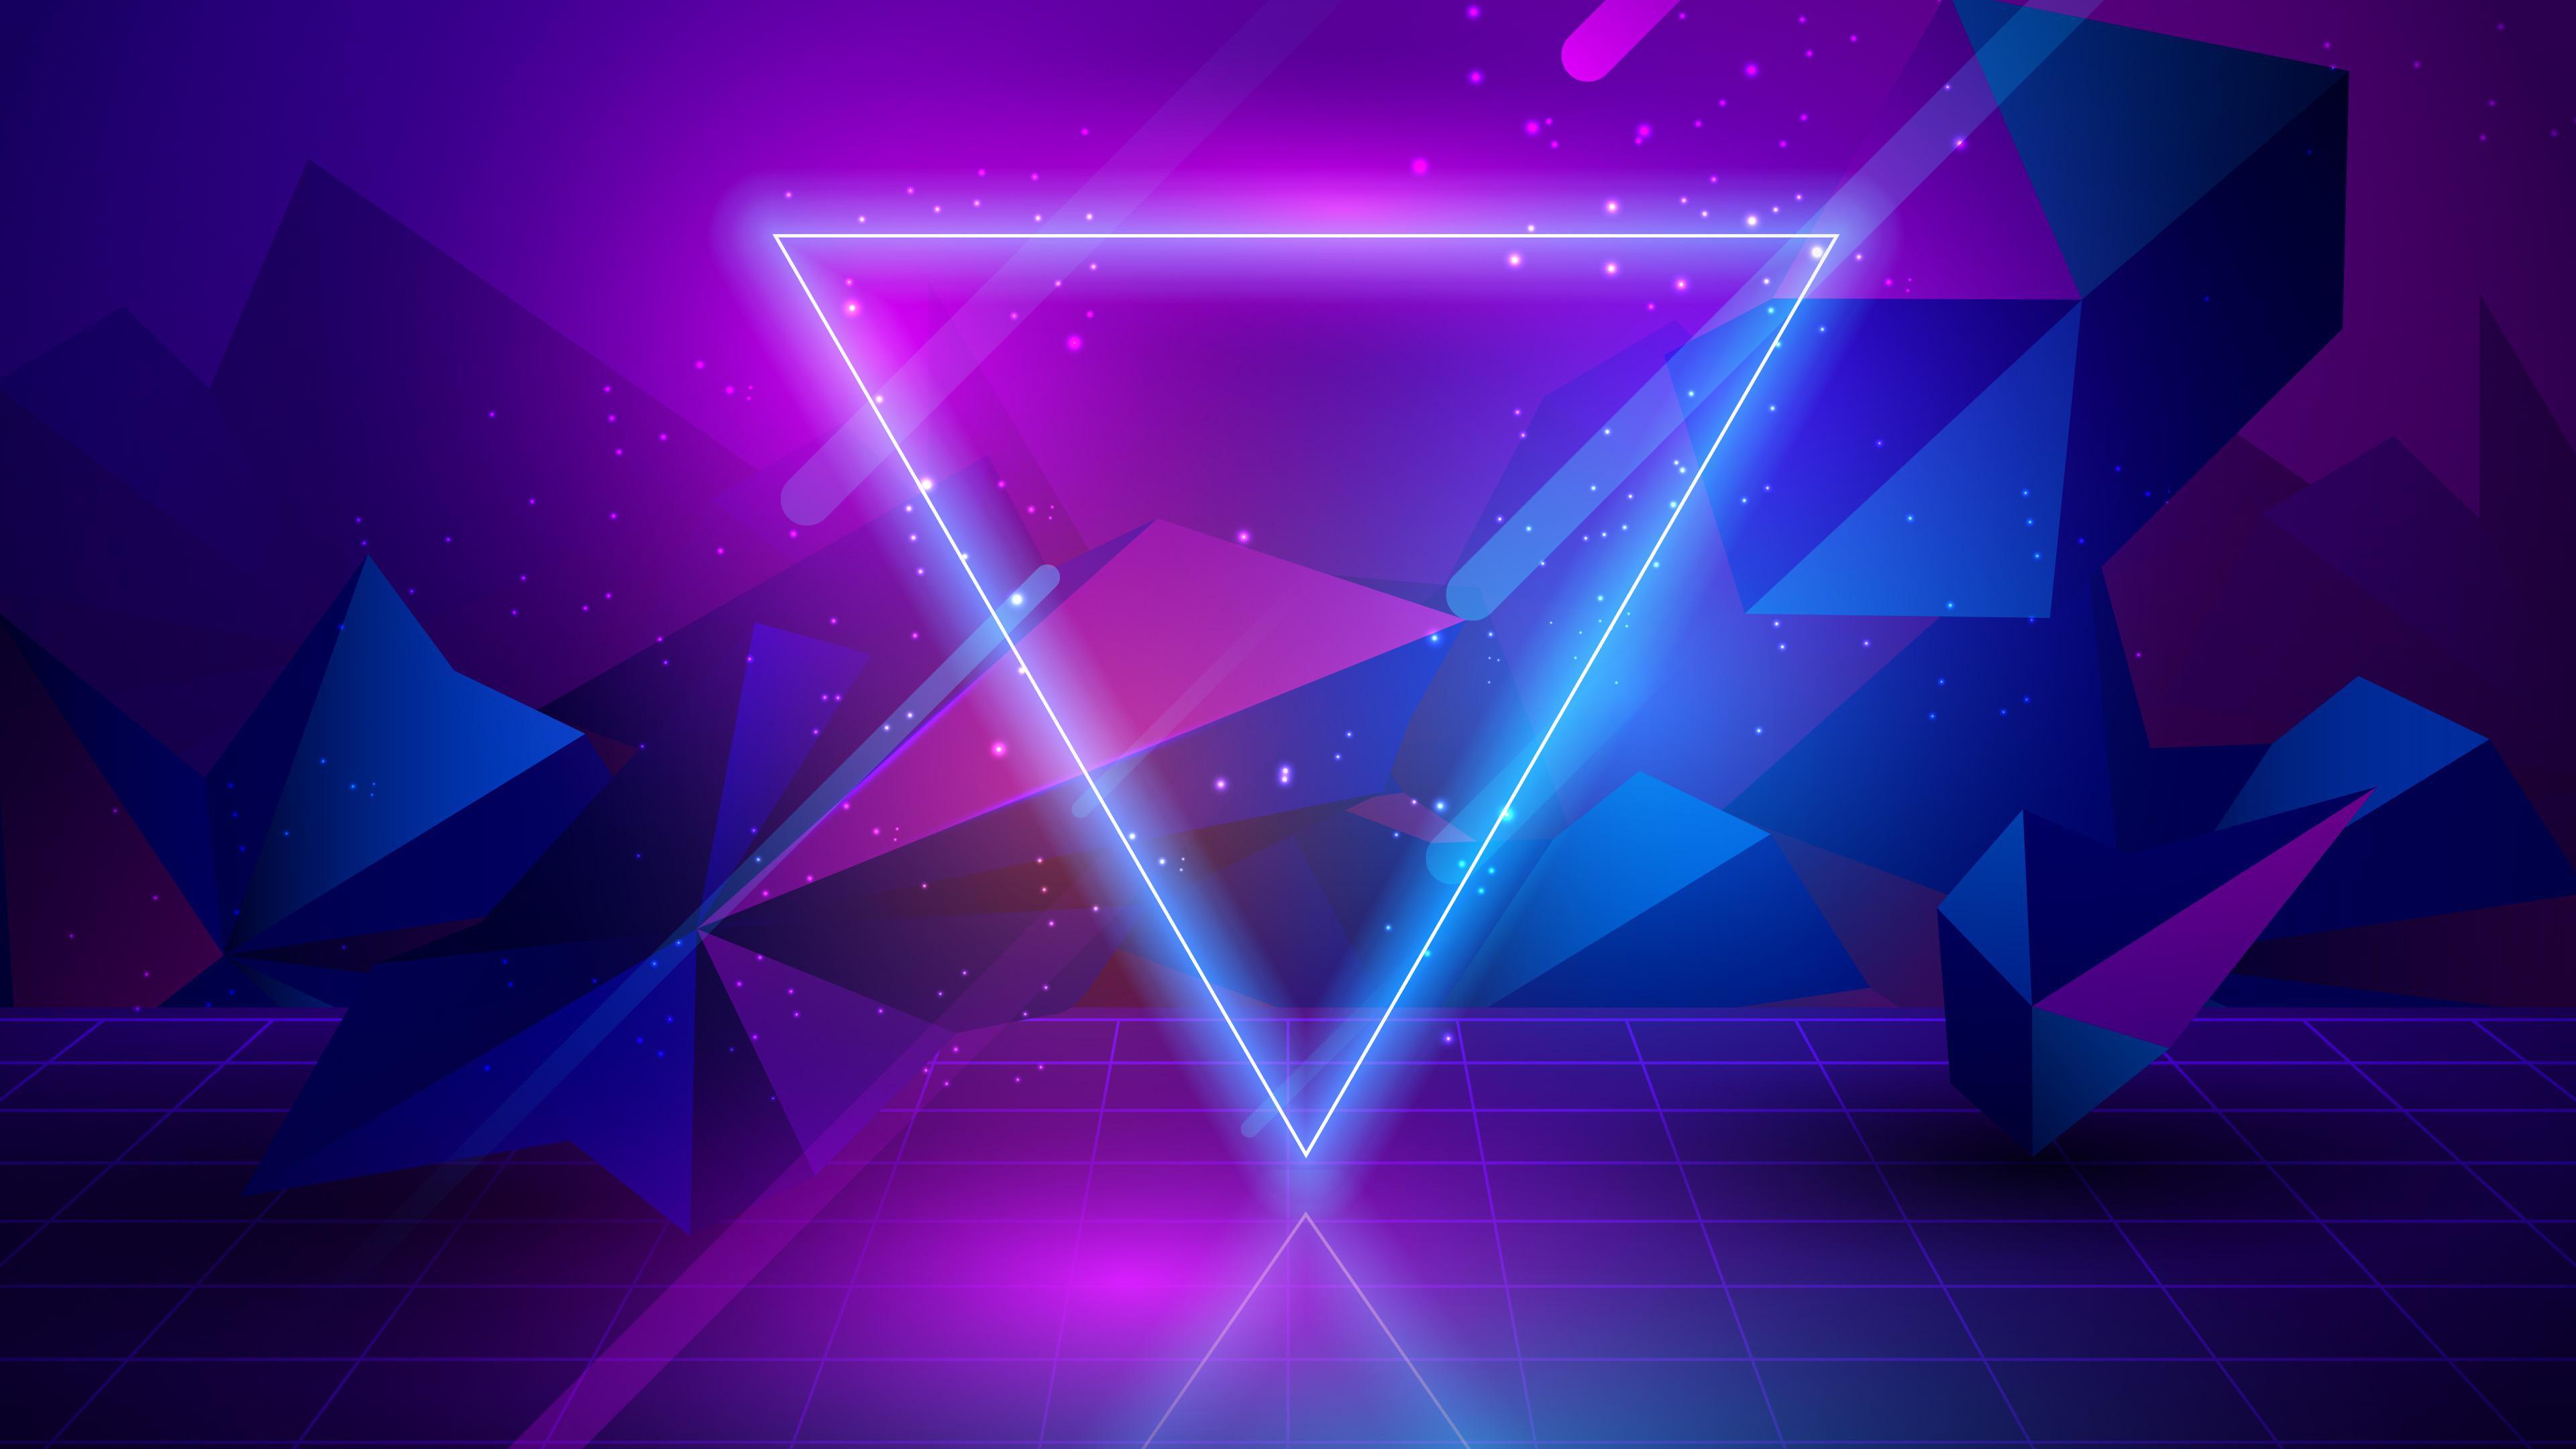 4k Neon Desktop Wallpapers Wallpaper Cave